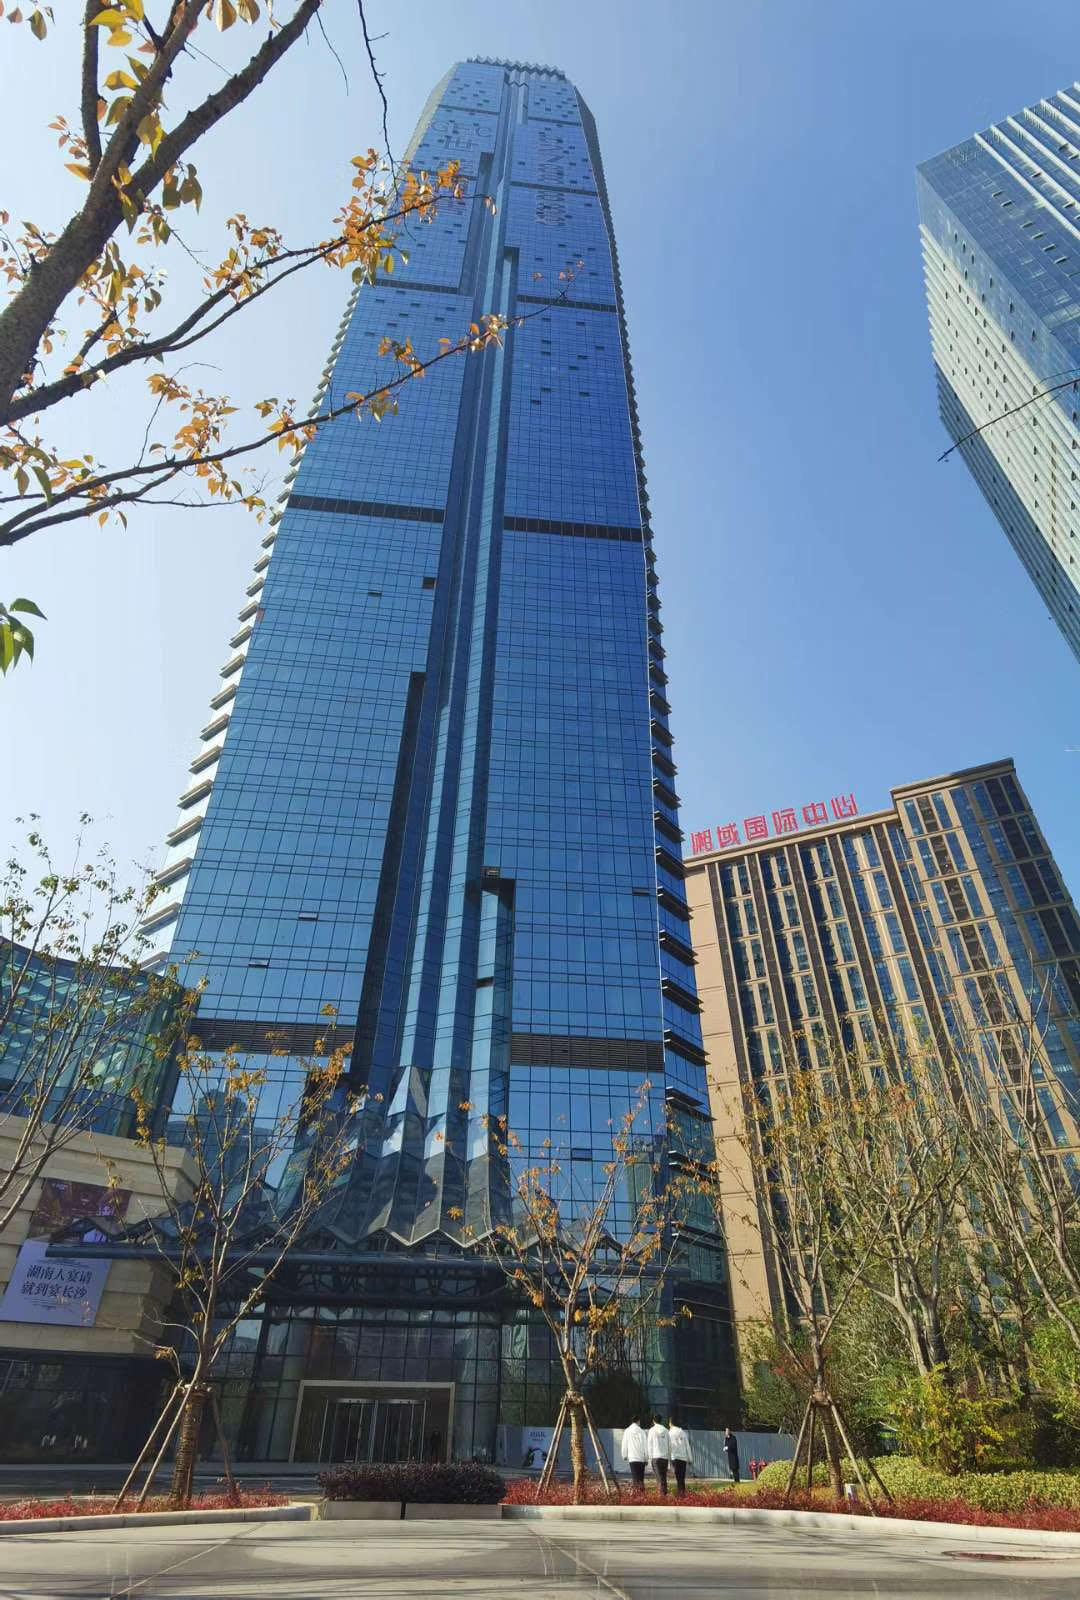 芙蓉广场 正地铁口 世茂广场  长沙地标建筑 高楼层